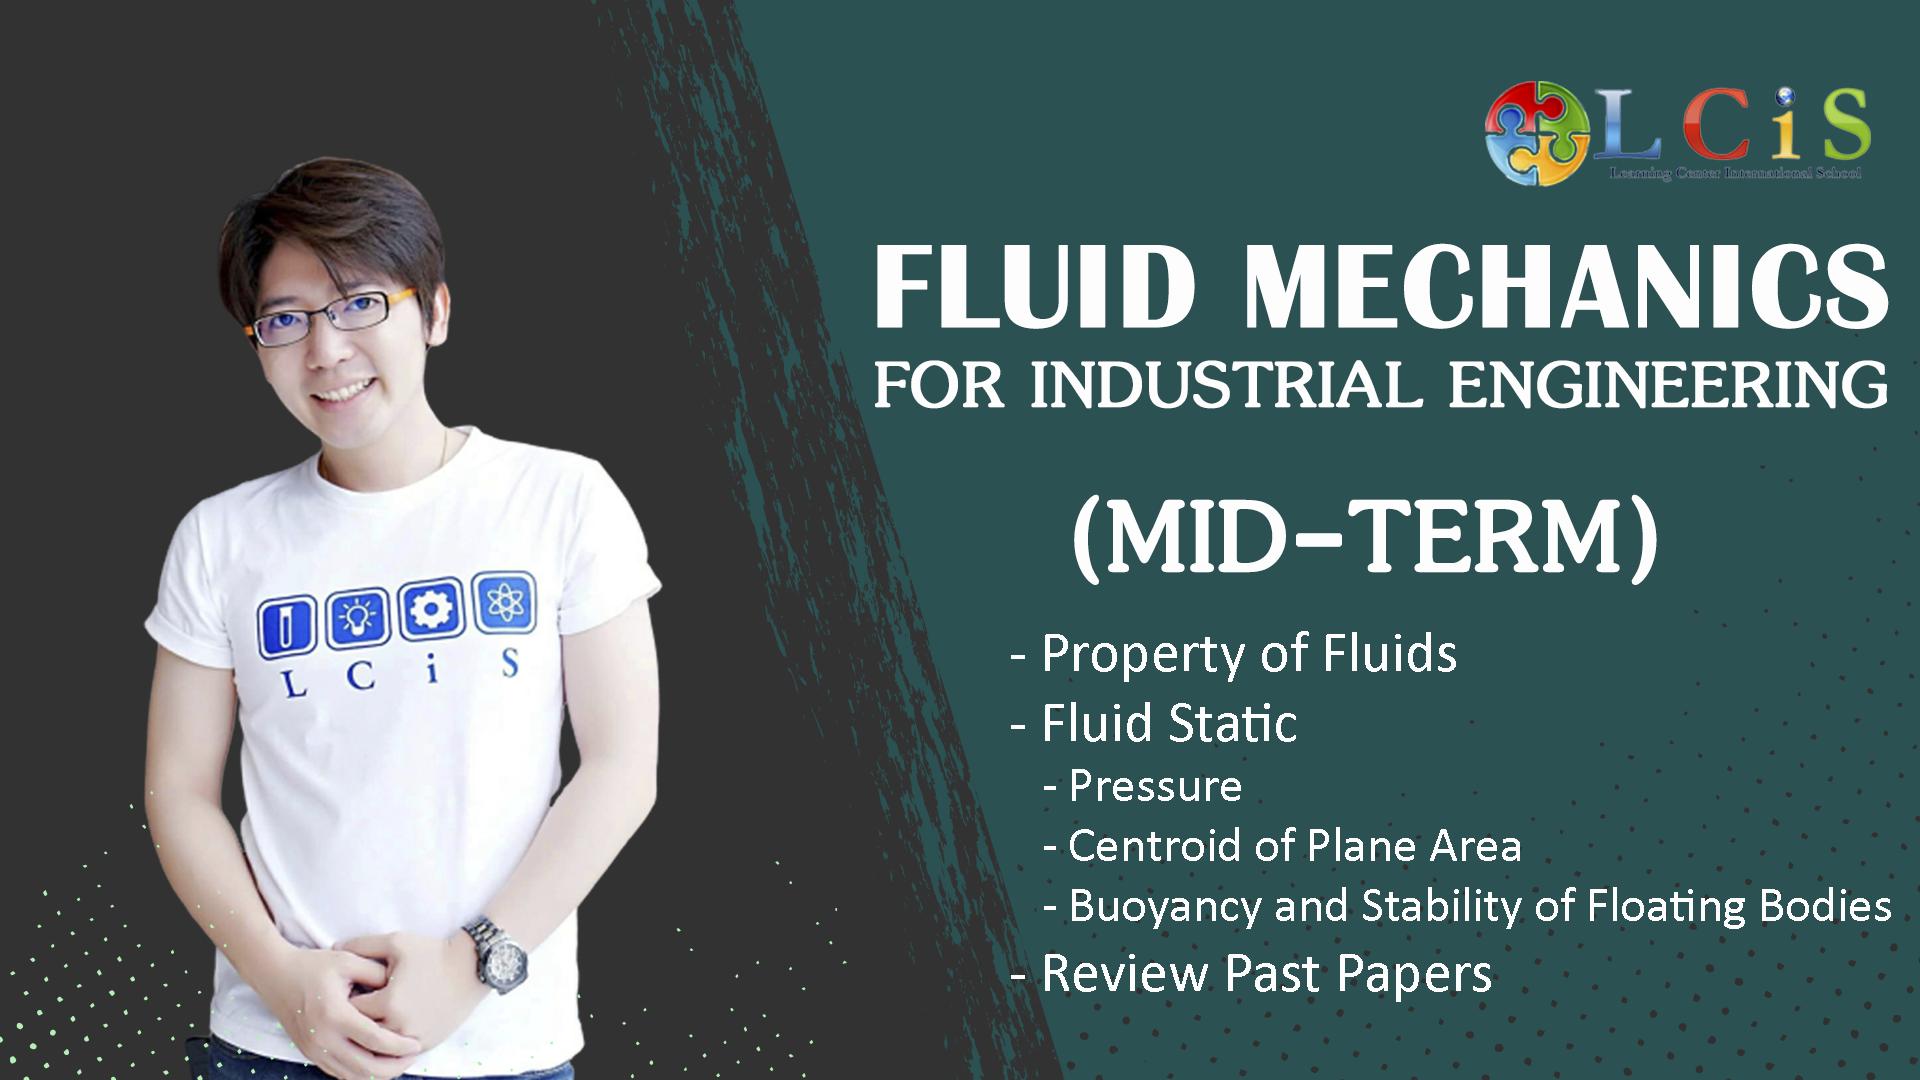 Fluid Mechanics for IE (Mid-Term)